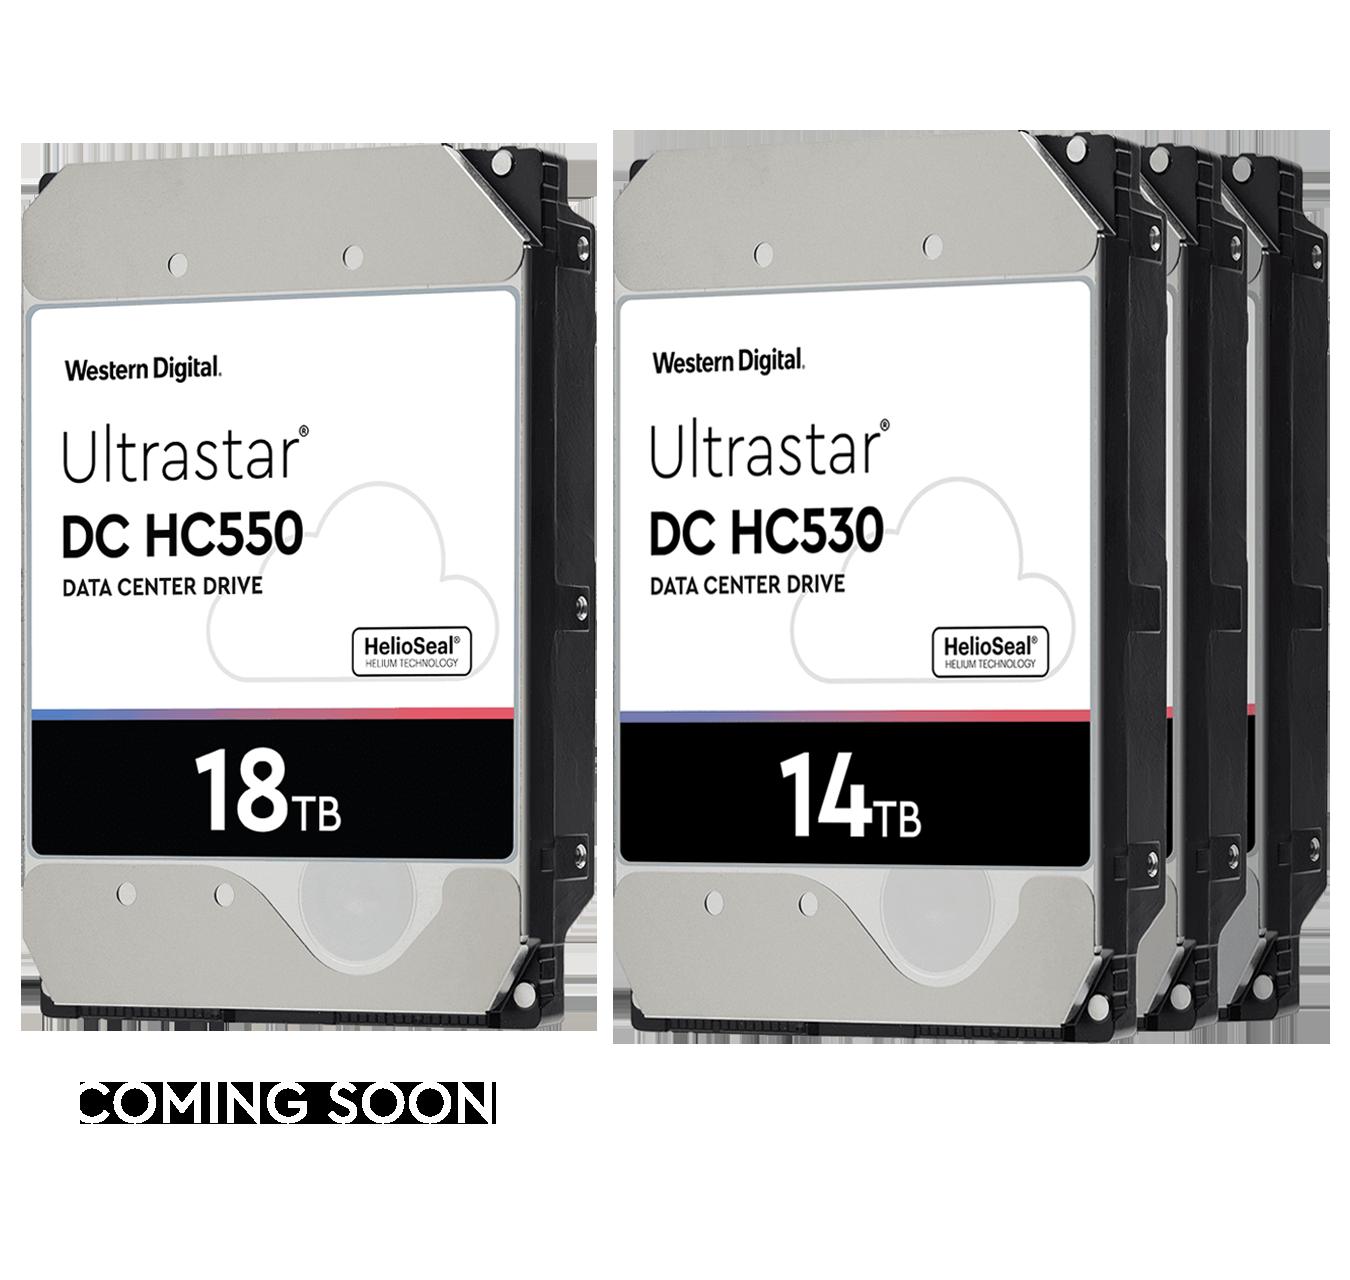 Qwstern Digital DC HC550 / 530